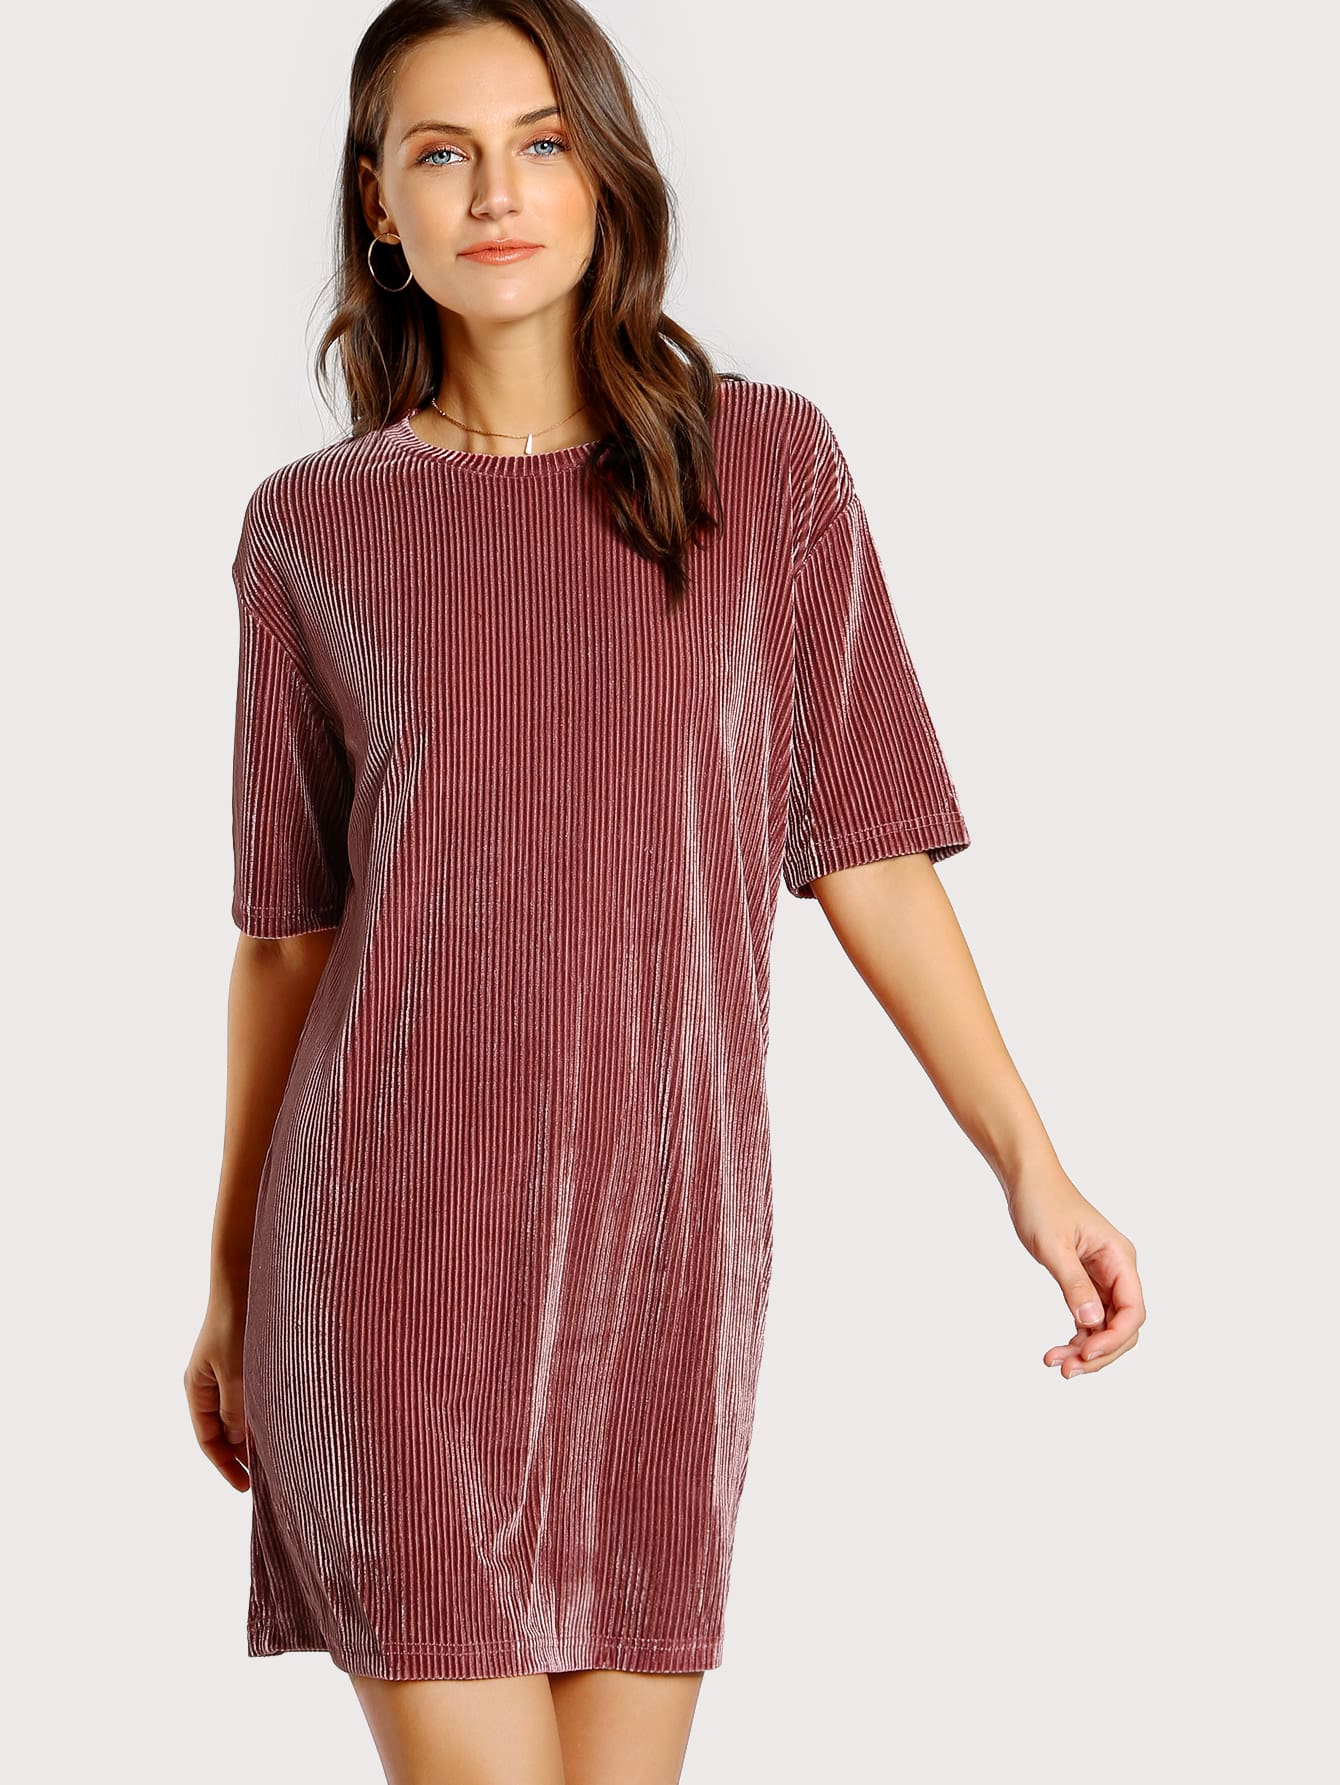 Ribbed Velvet Tee Dress dressmmc170907704